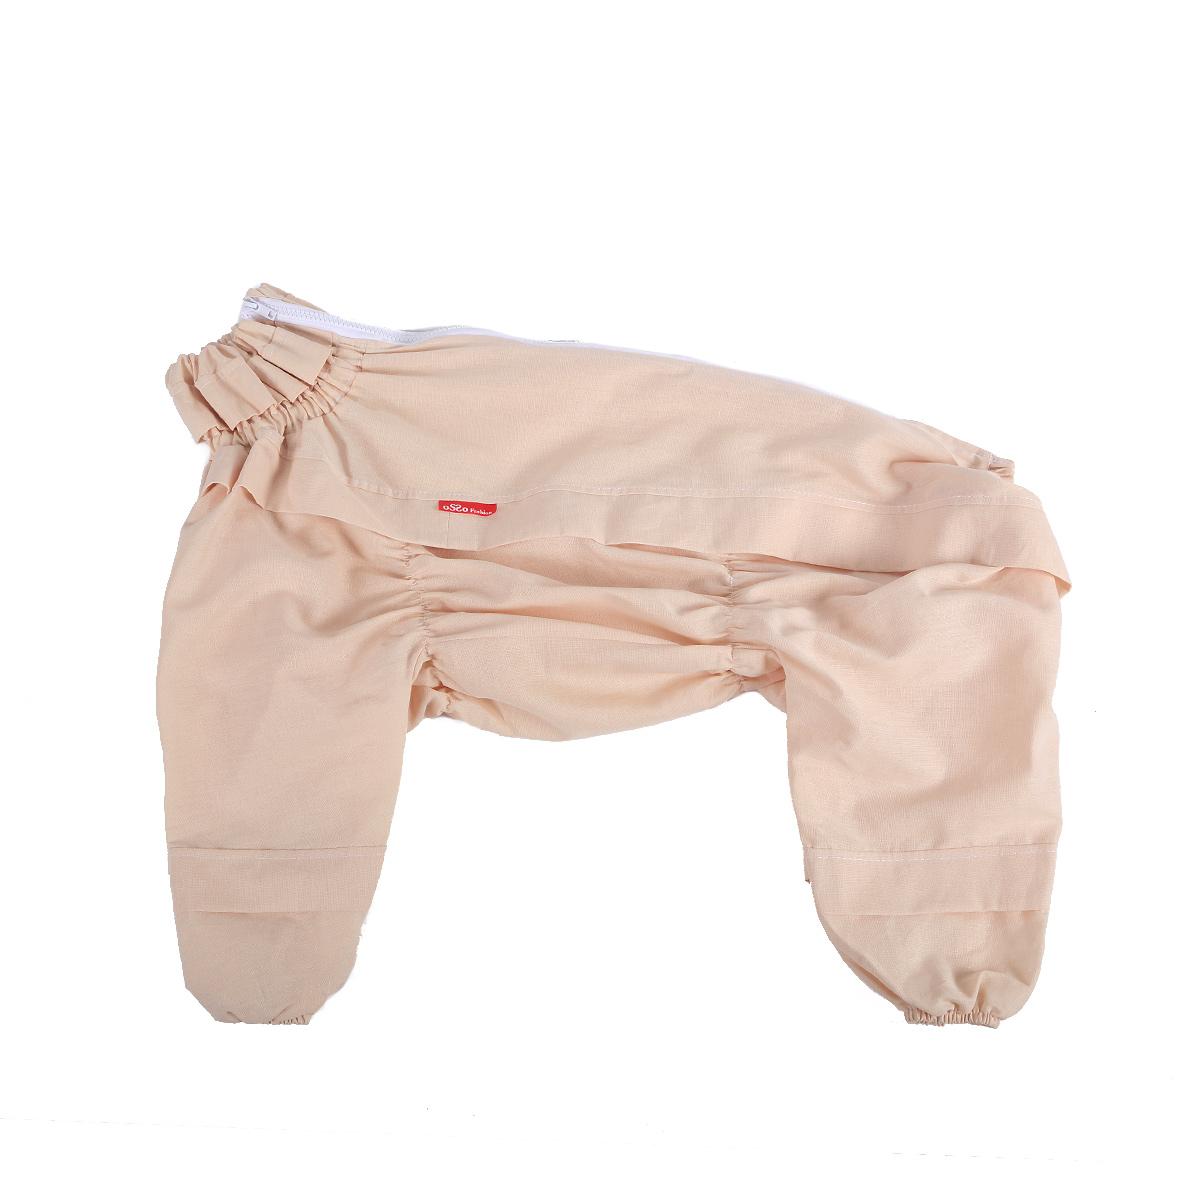 Комбинезон для собак OSSO Fashion, от клещей, для мальчика, цвет: бежевый. Размер 550120710Комбинезон для собак OSSO Fashion изготовлен из 100% хлопка, имеет светлую расцветку, на которой сразу будут заметны кровососущие насекомые. Комбинезон предназначен для защиты собак во время прогулок по парку и лесу. Разработан с учетом особенностей поведения клещей. На комбинезоне имеются складки-ловушки на груди, на штанинах, на боках комбинезона и на шее, которые преграждают движение насекомого вверх. Комбинезон очень легкий и удобный. Низ штанин на резинке, на спине застегивается на молнию.Длина спинки: 55 см.Объем груди: 66-90 см.